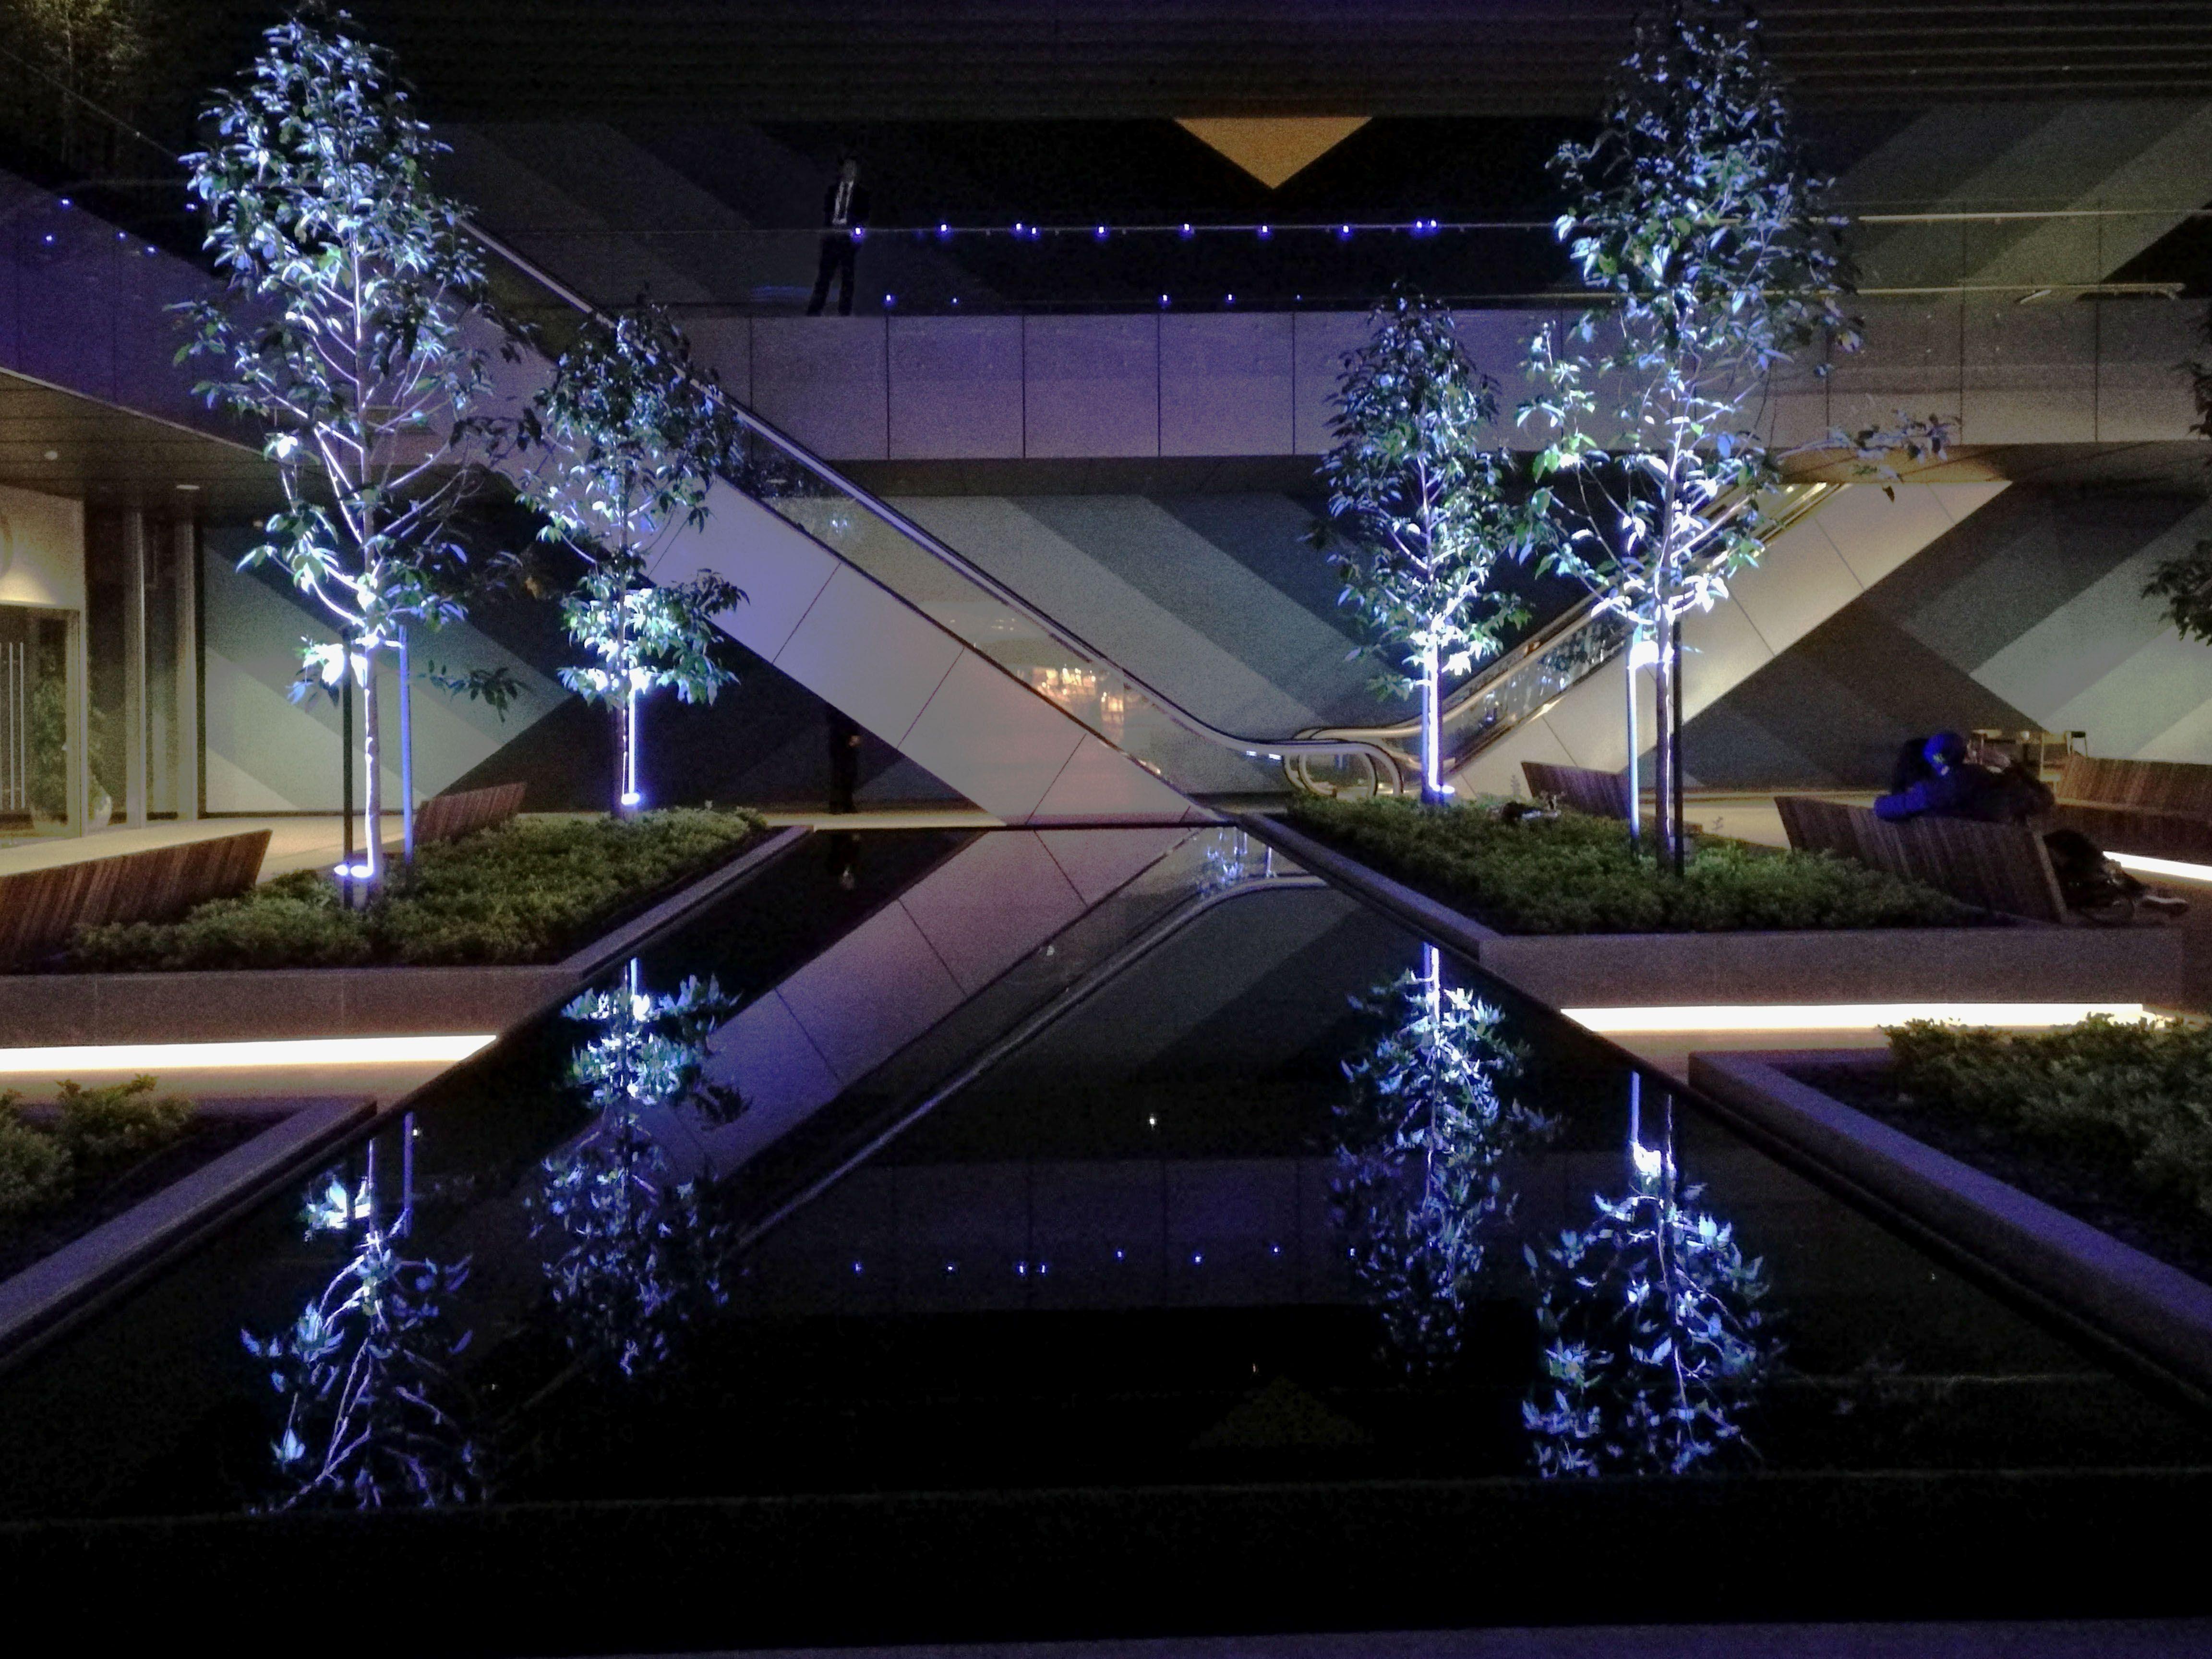 Night At Avia Mall In Guatemala City Guatemala Guatemala City Sydney Opera House Favorite Places